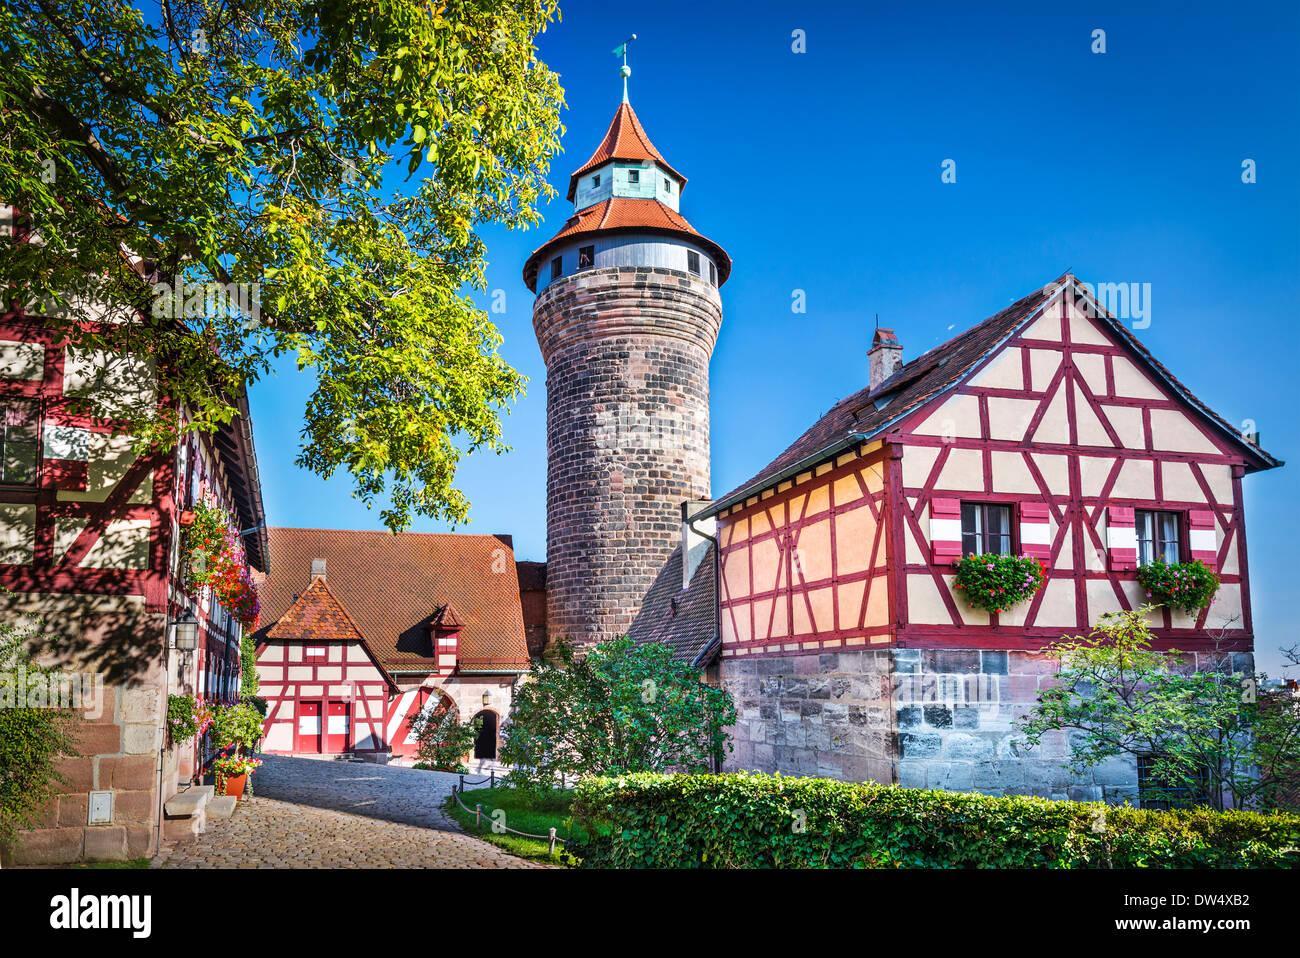 Castillo de Nuremberg en Nuremberg, Alemania. Imagen De Stock